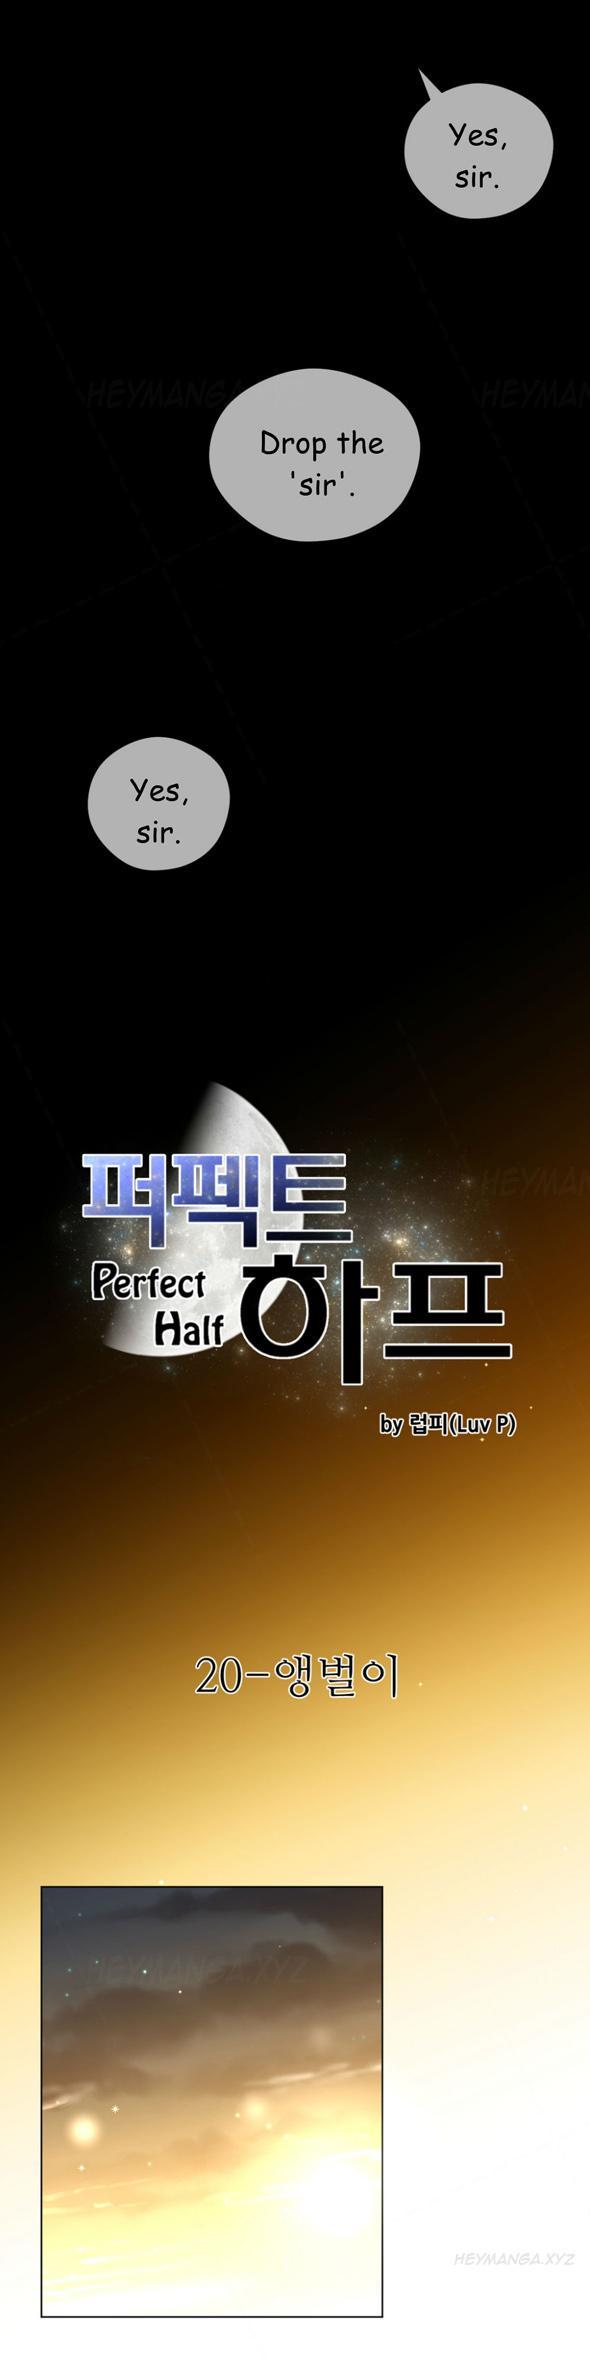 Perfect Half Ch.1-22 553